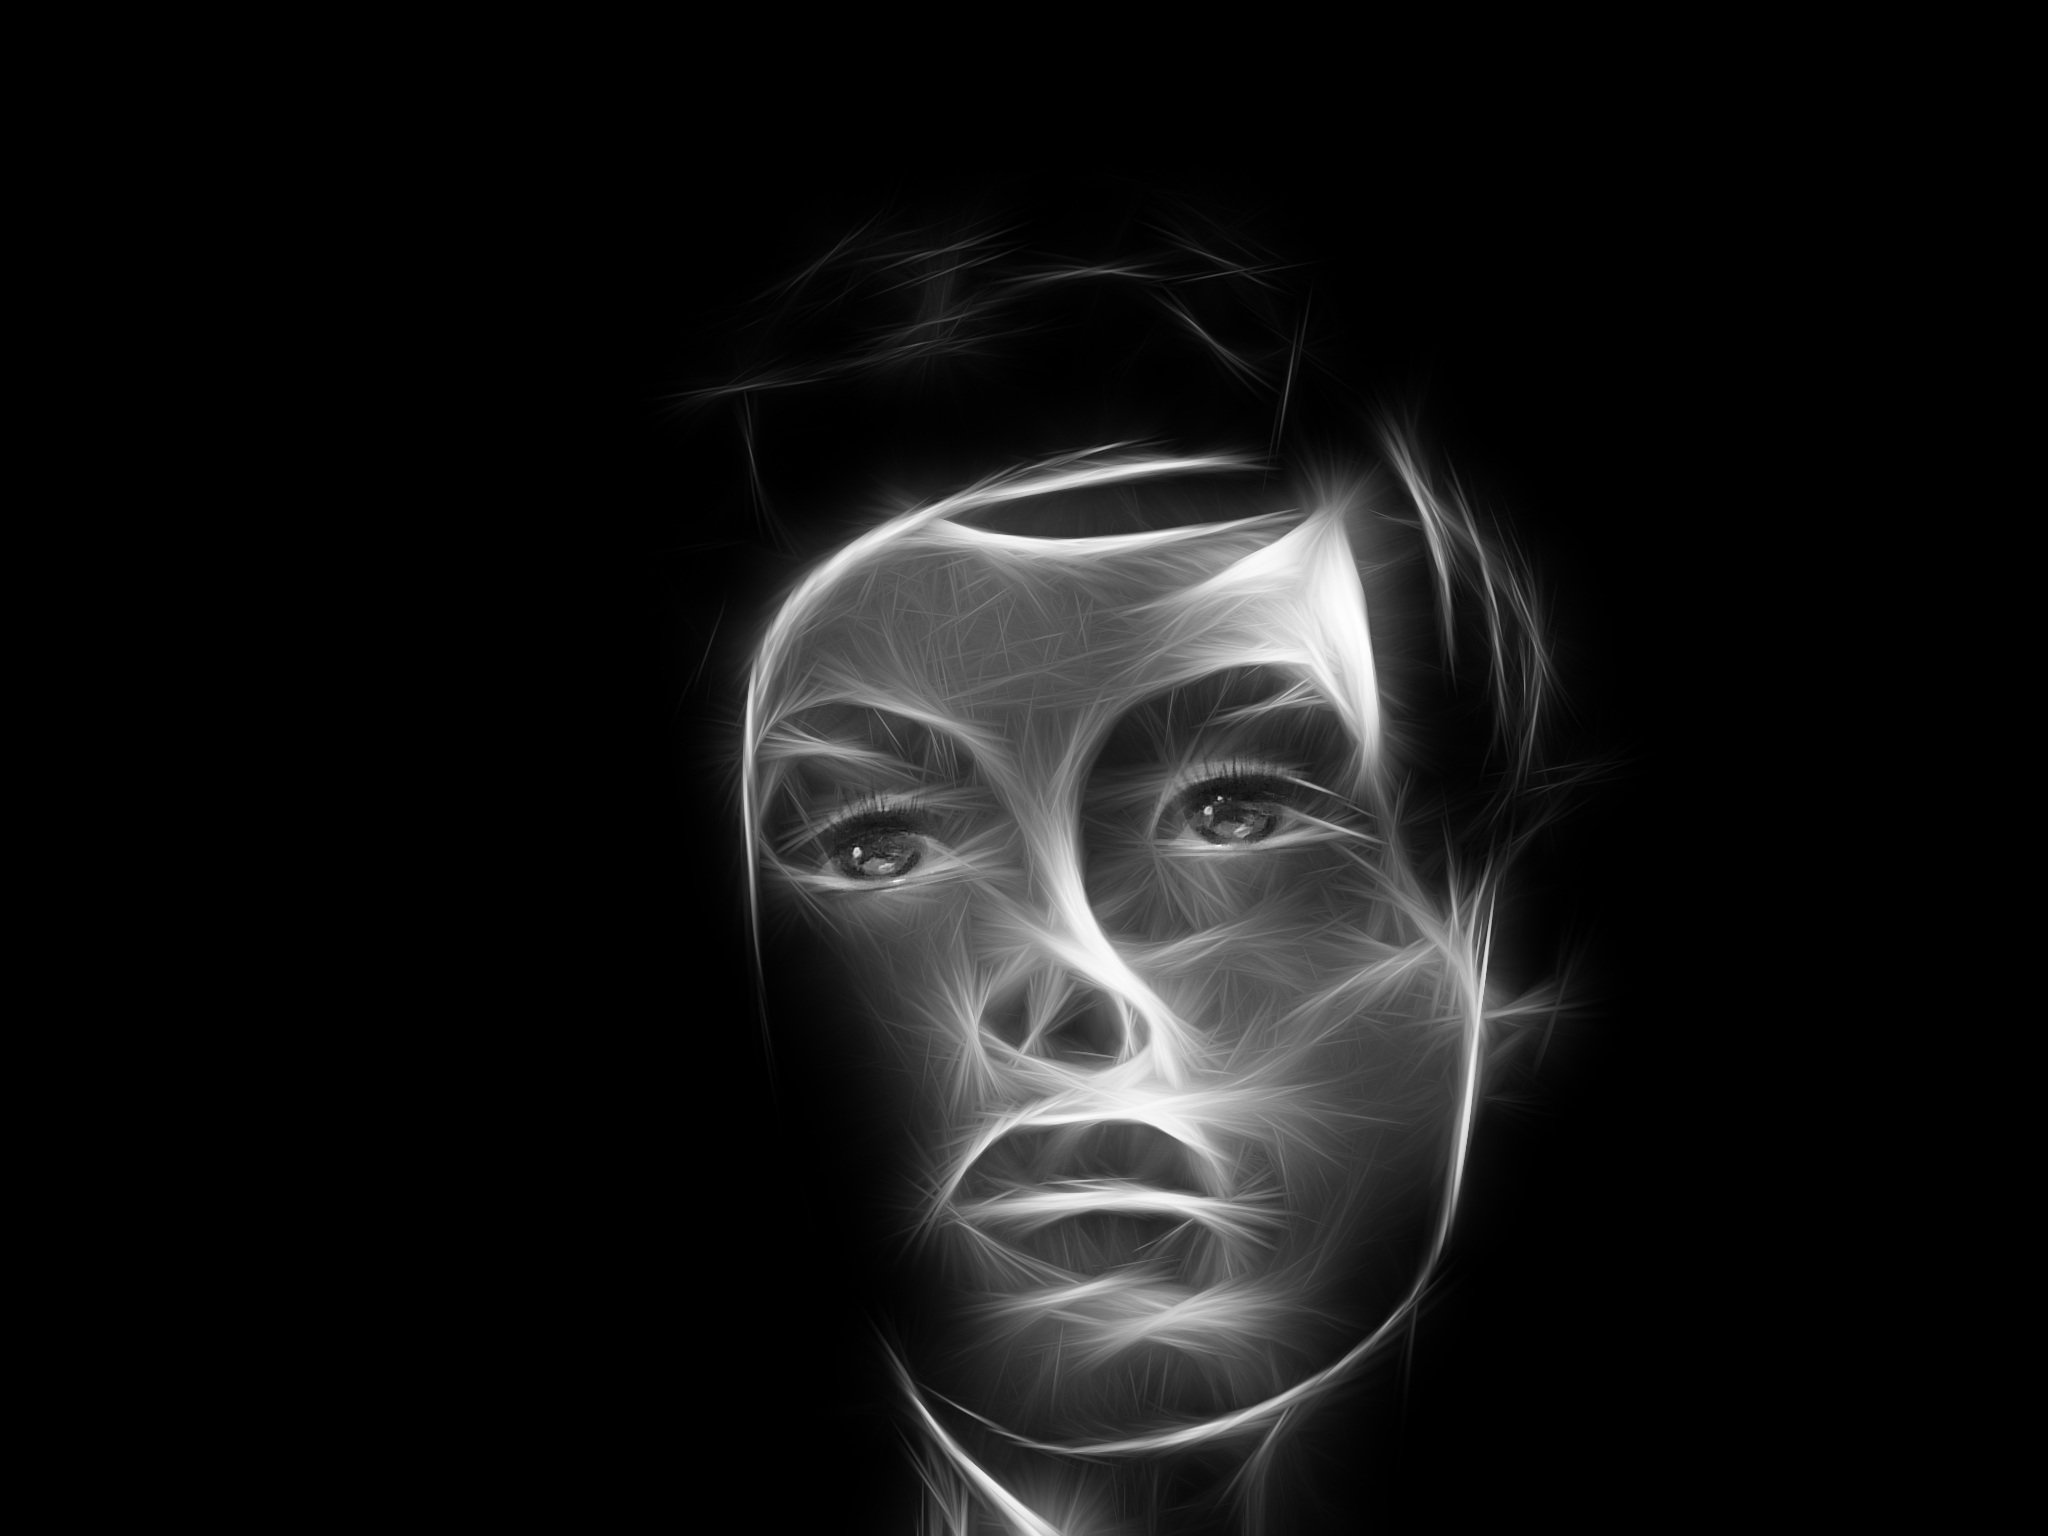 Okładka - mówią twarze Źródło: pixabay, licencja: CC 0.